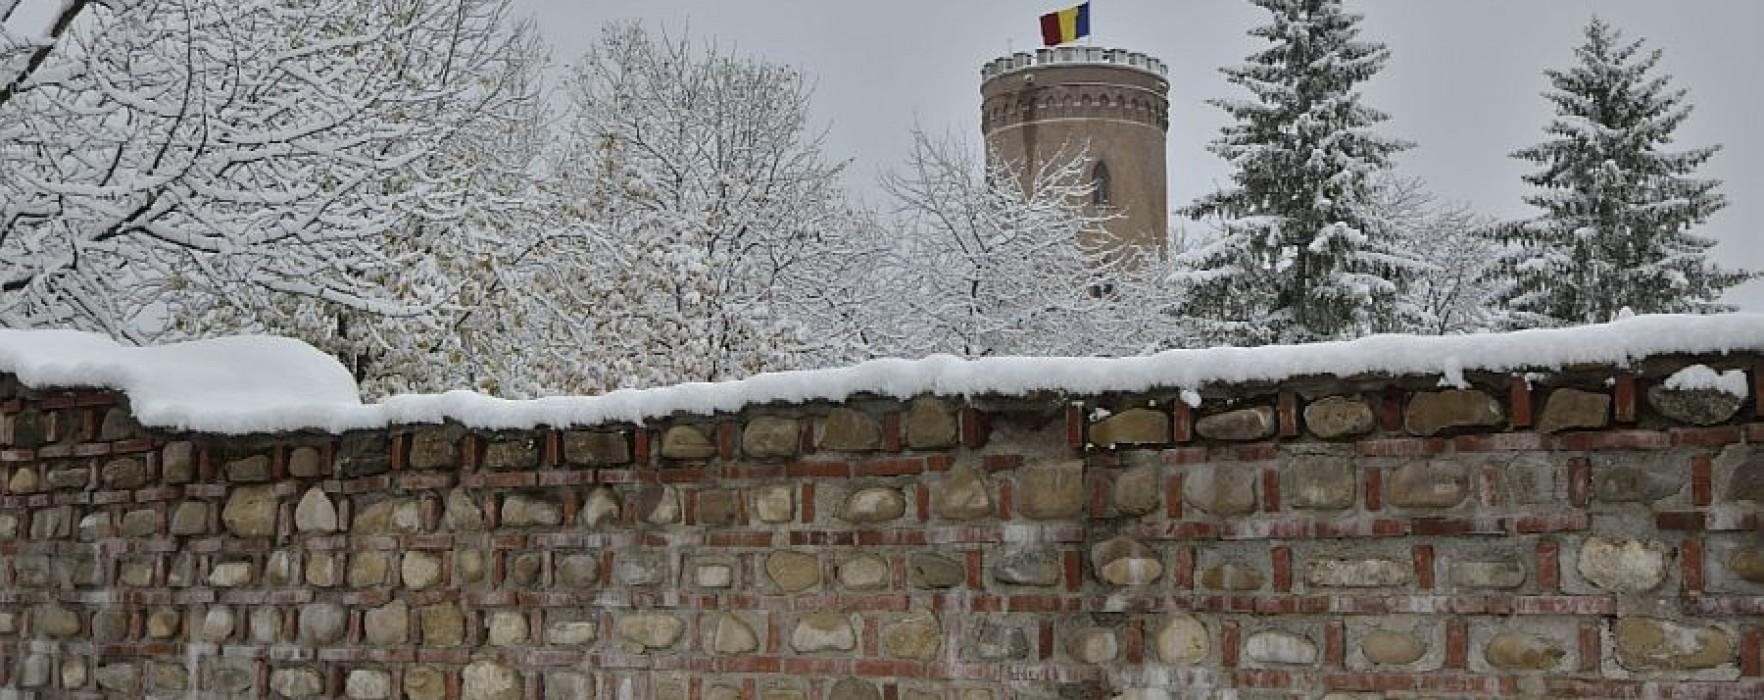 Târgovişte: Vreme geroasă şi ninsori, până joi